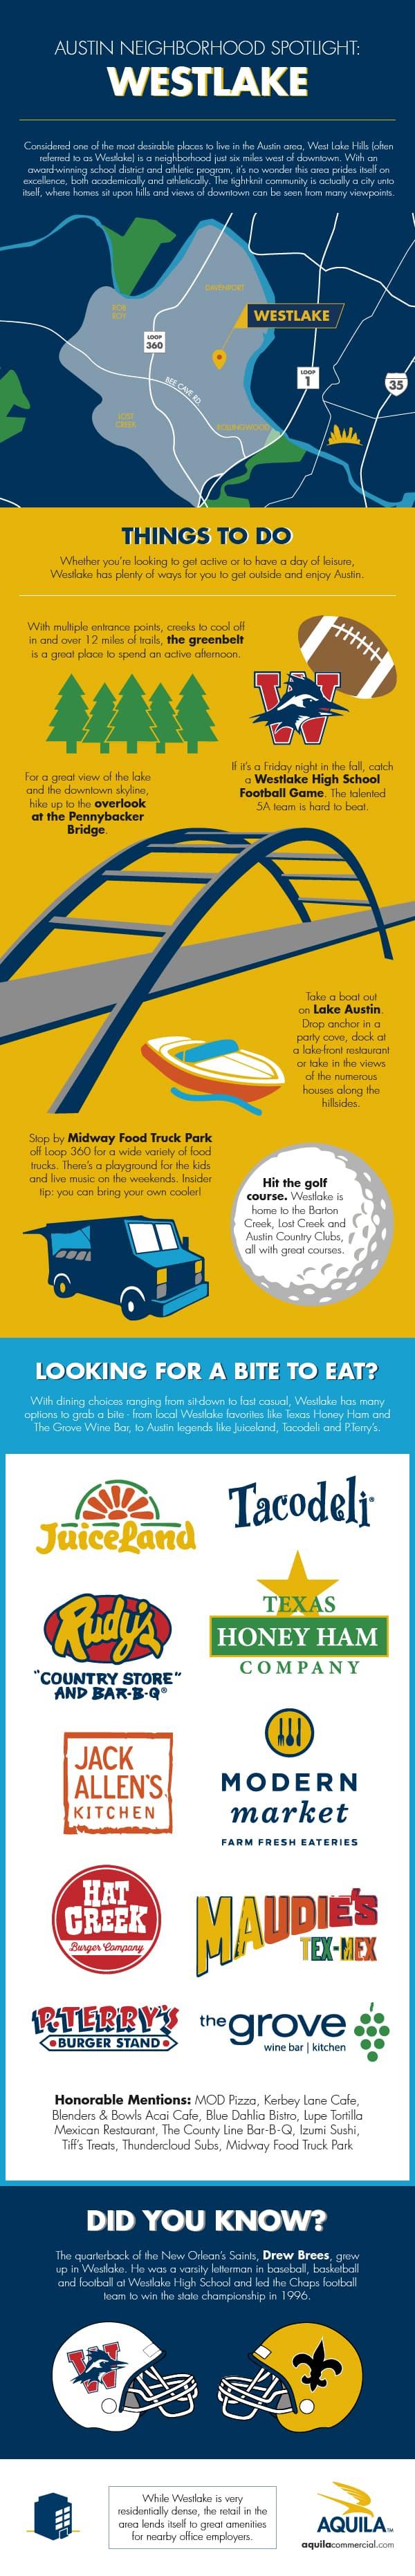 Westlake Neighborhood Infographic